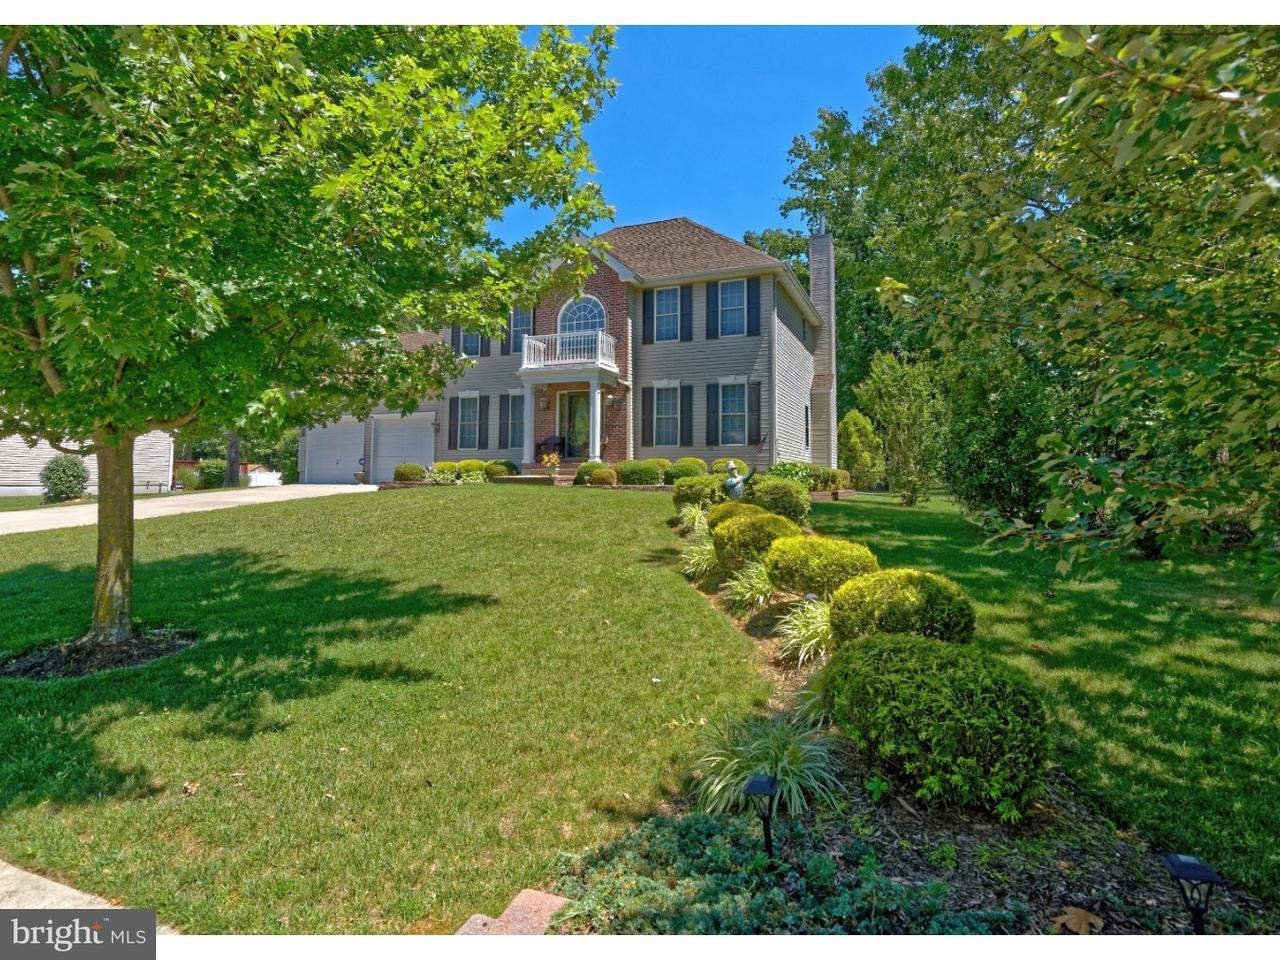 Частный односемейный дом для того Продажа на 51 LISA MARIE TER Millville, Нью-Джерси 08332 Соединенные Штаты